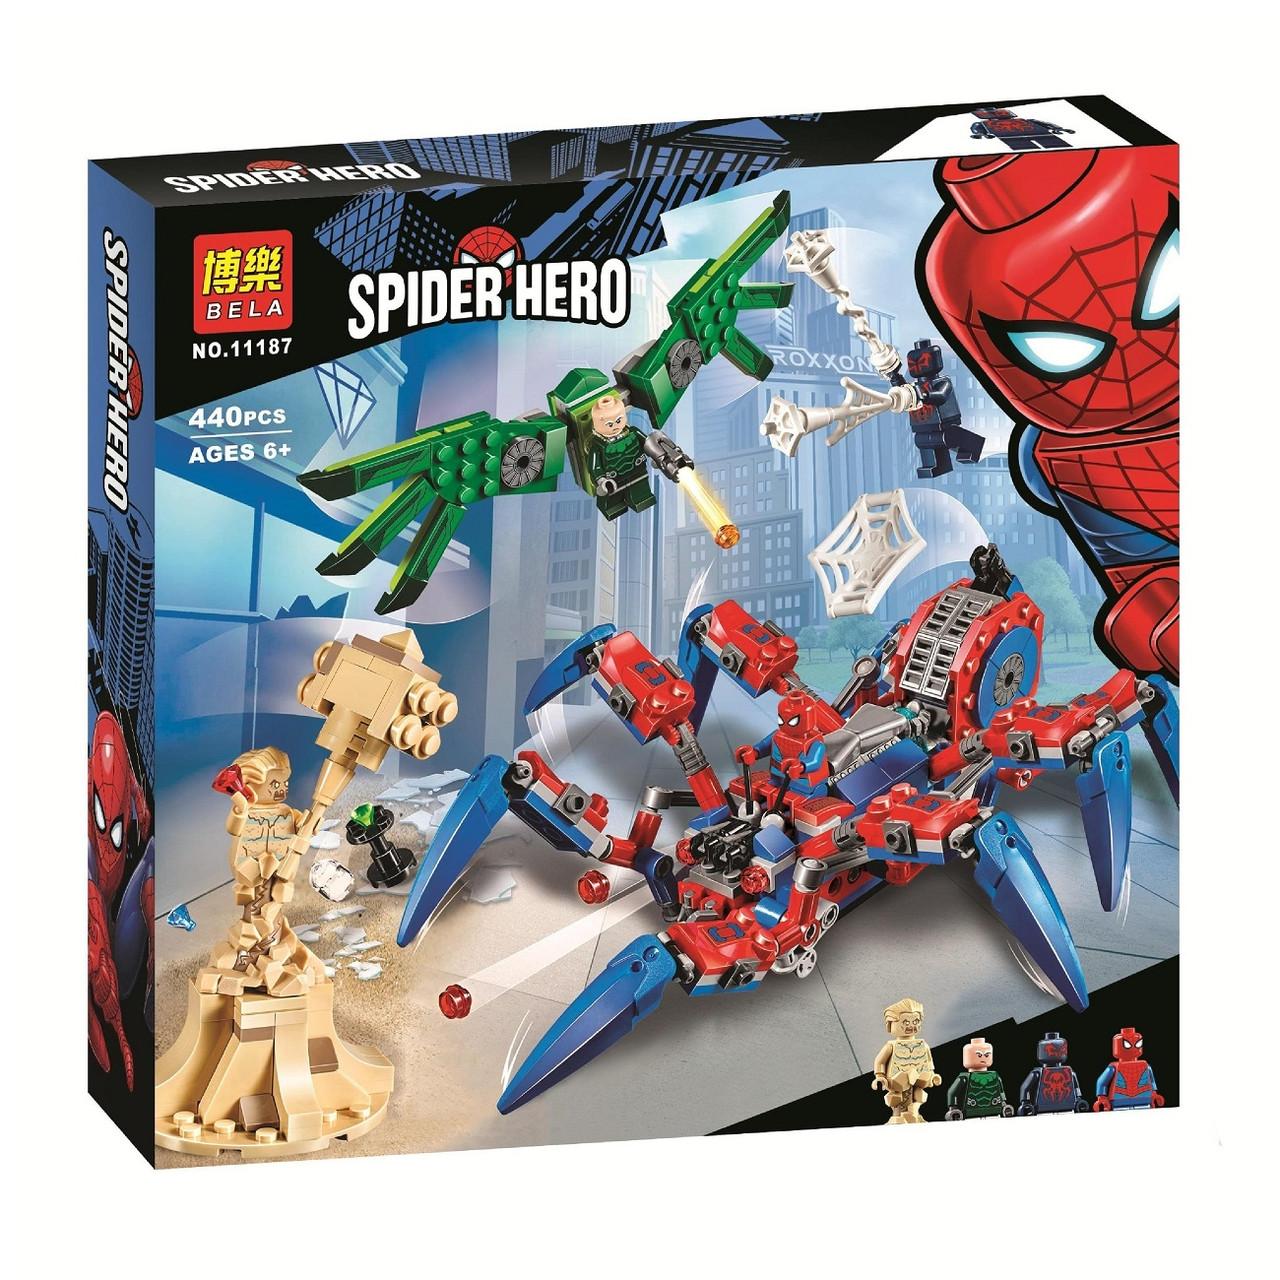 """Конструктор Spiderman Bela 11187 """"Вездеход Человека-Паука"""", 440 дет"""